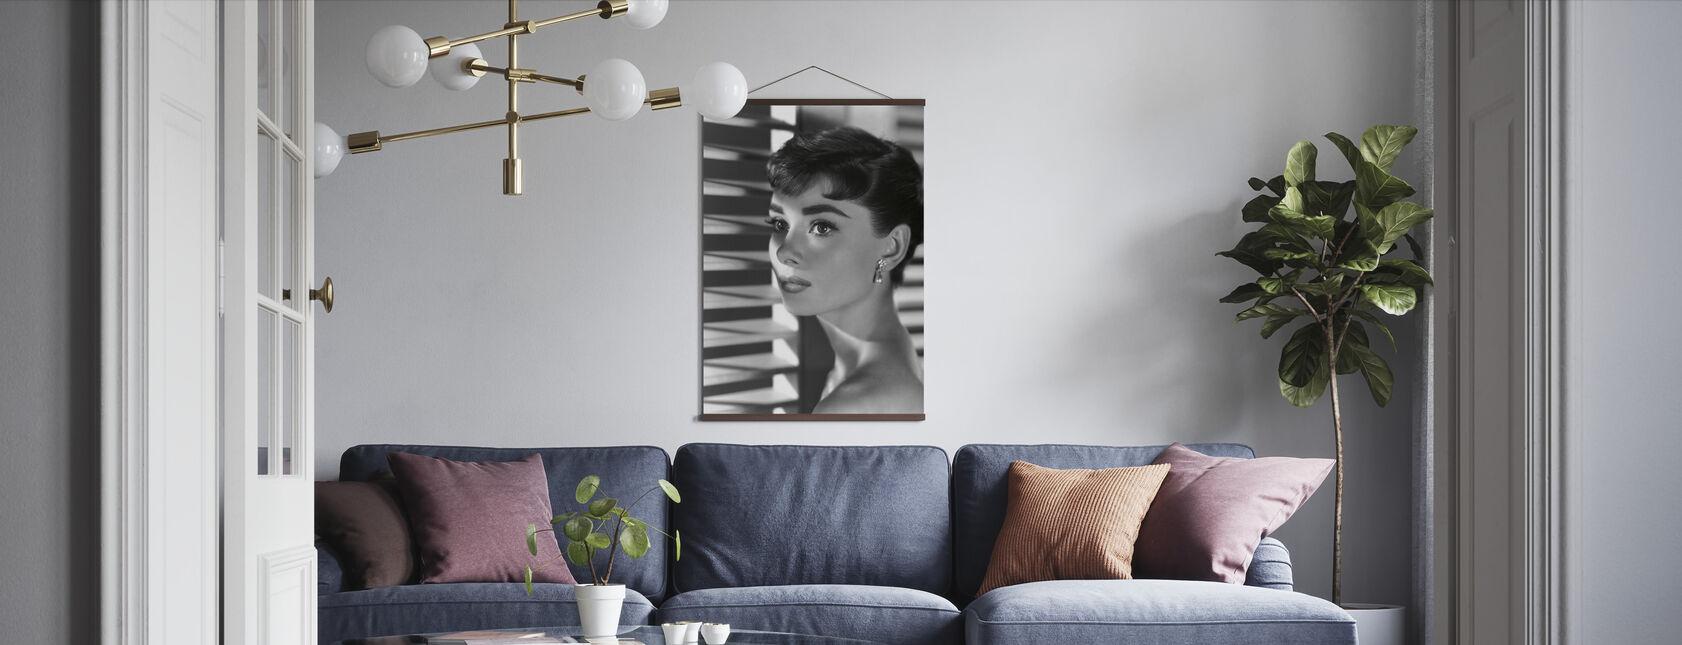 Audrey Hepburn in Sabrina - Poster - Wohnzimmer